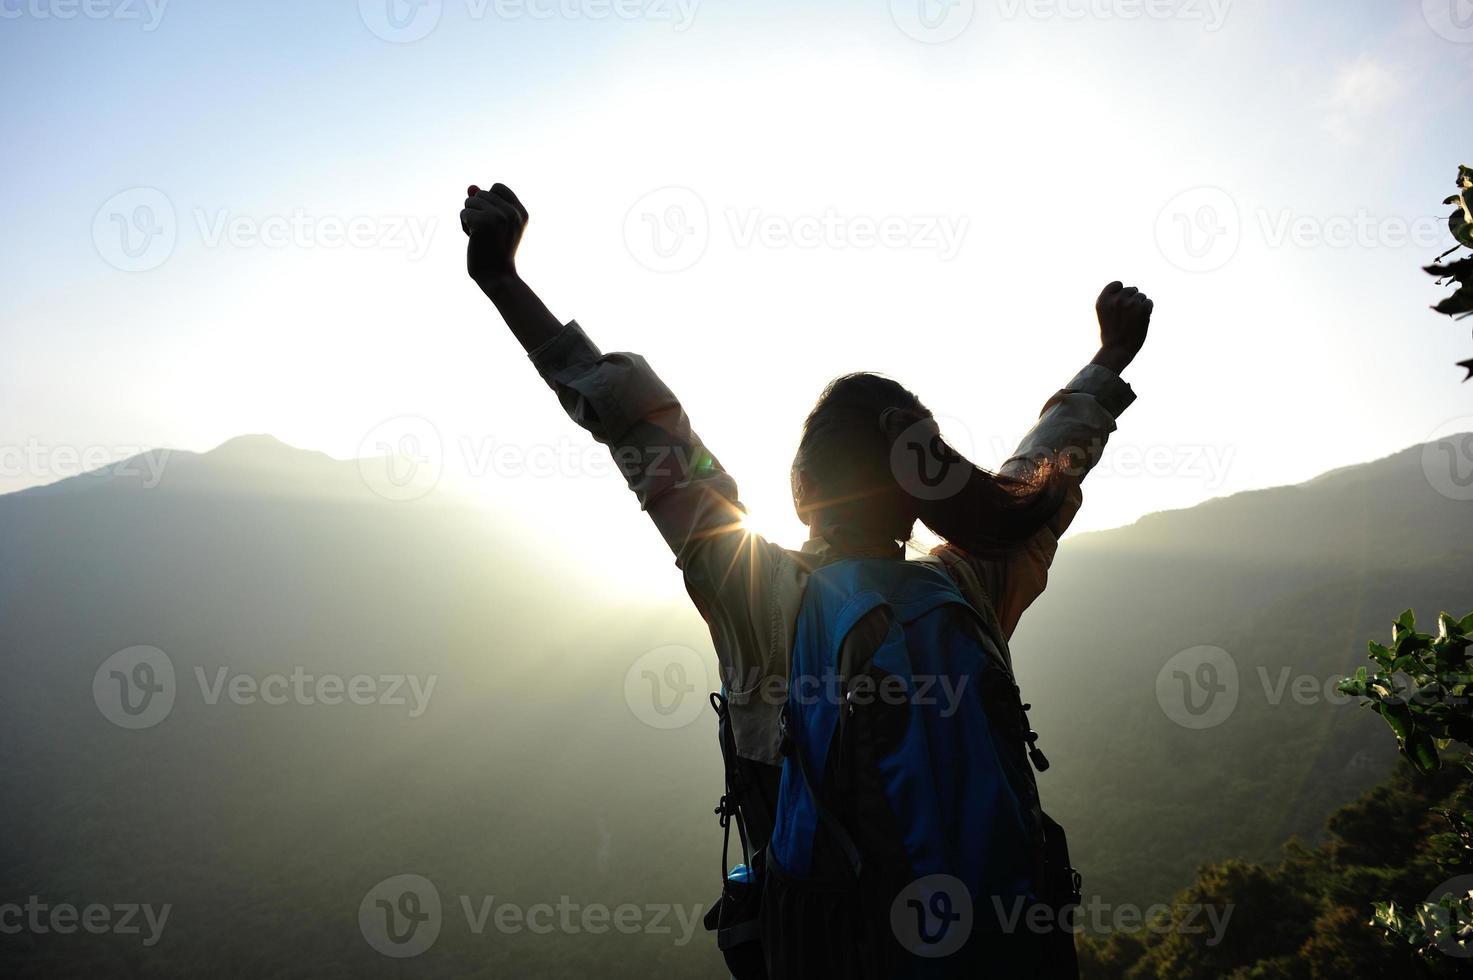 juichende vrouw wandelaar open armen op bergtop foto